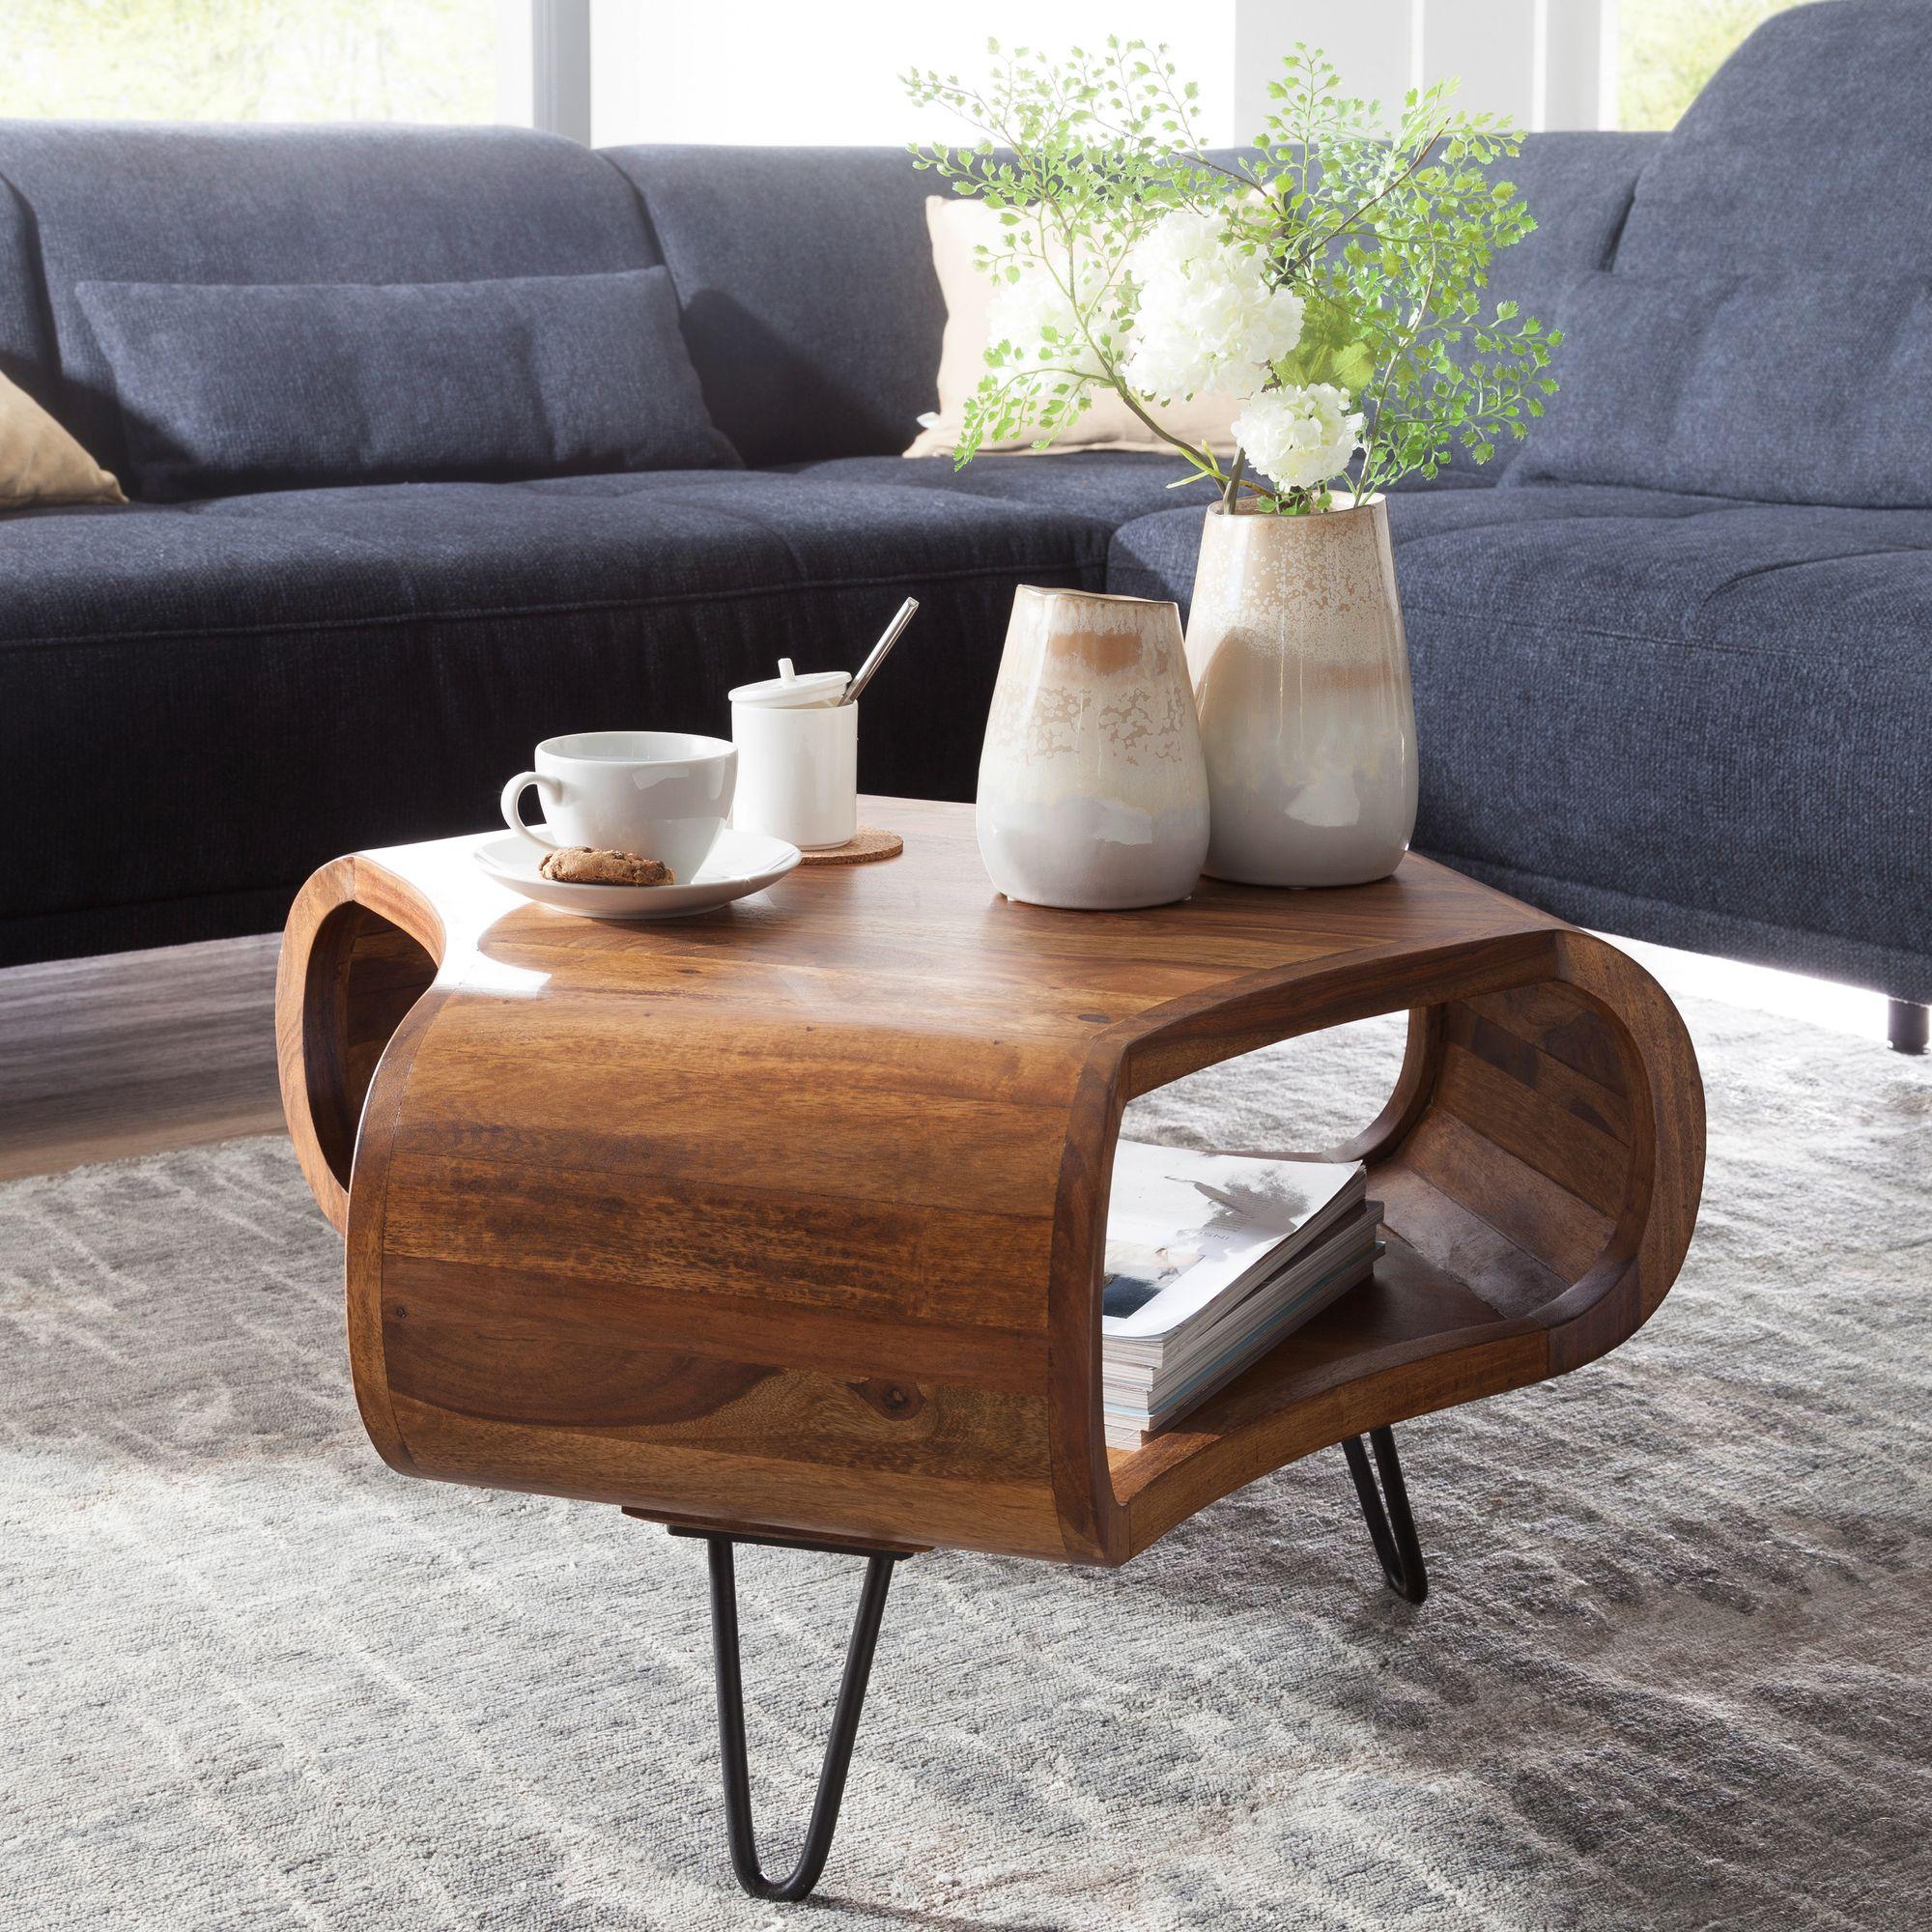 Massiver Couchtisch 55x38x55 Cm Sheesham Wohnzimmertisch Holz Tisch